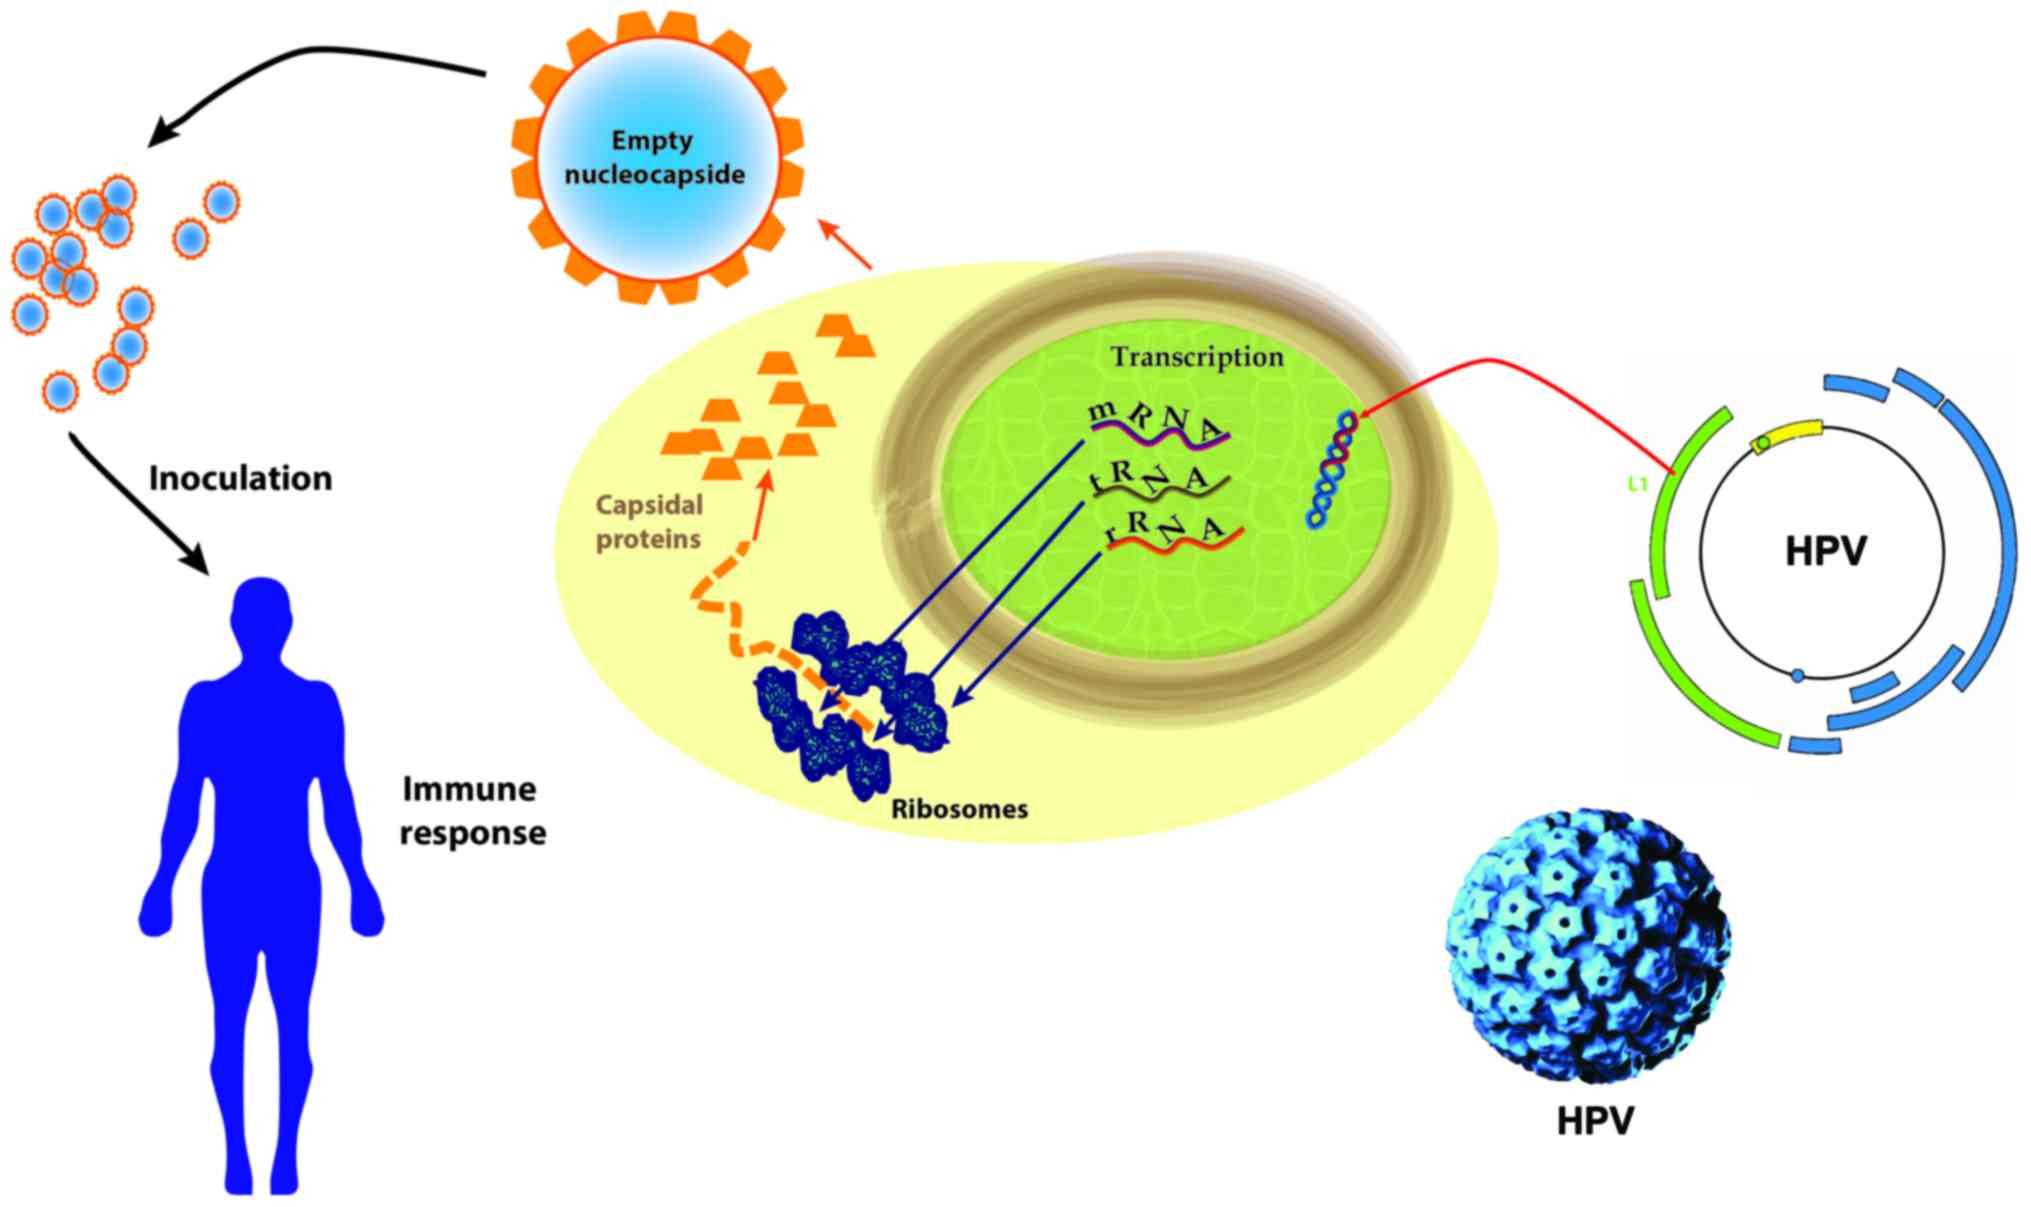 hpv virus p16